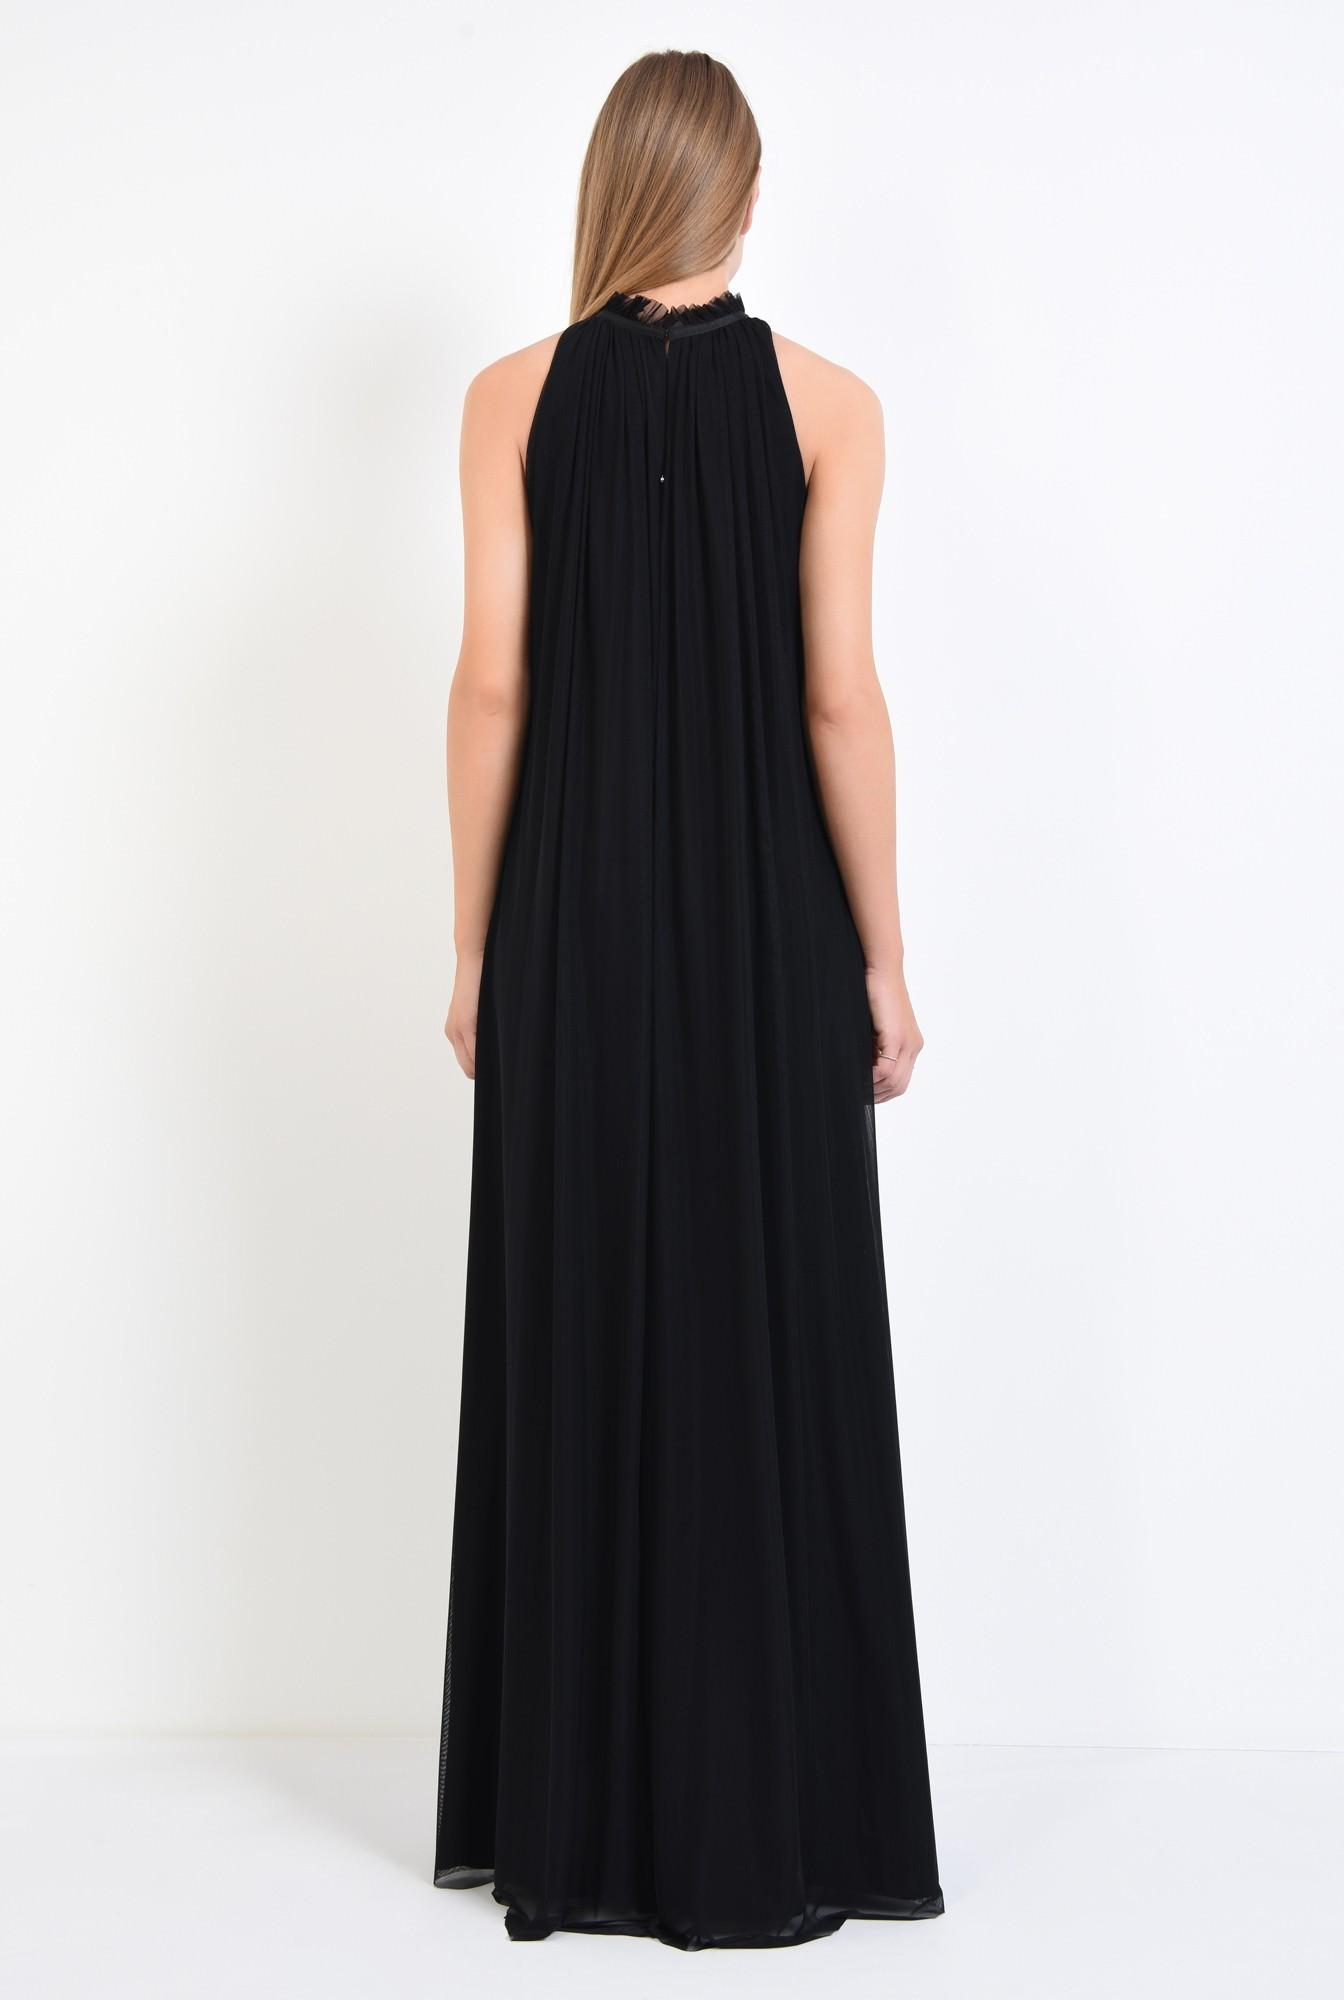 1 - rochie de ocazie, maxi, crapeu, accesoriu floral, tul, negru